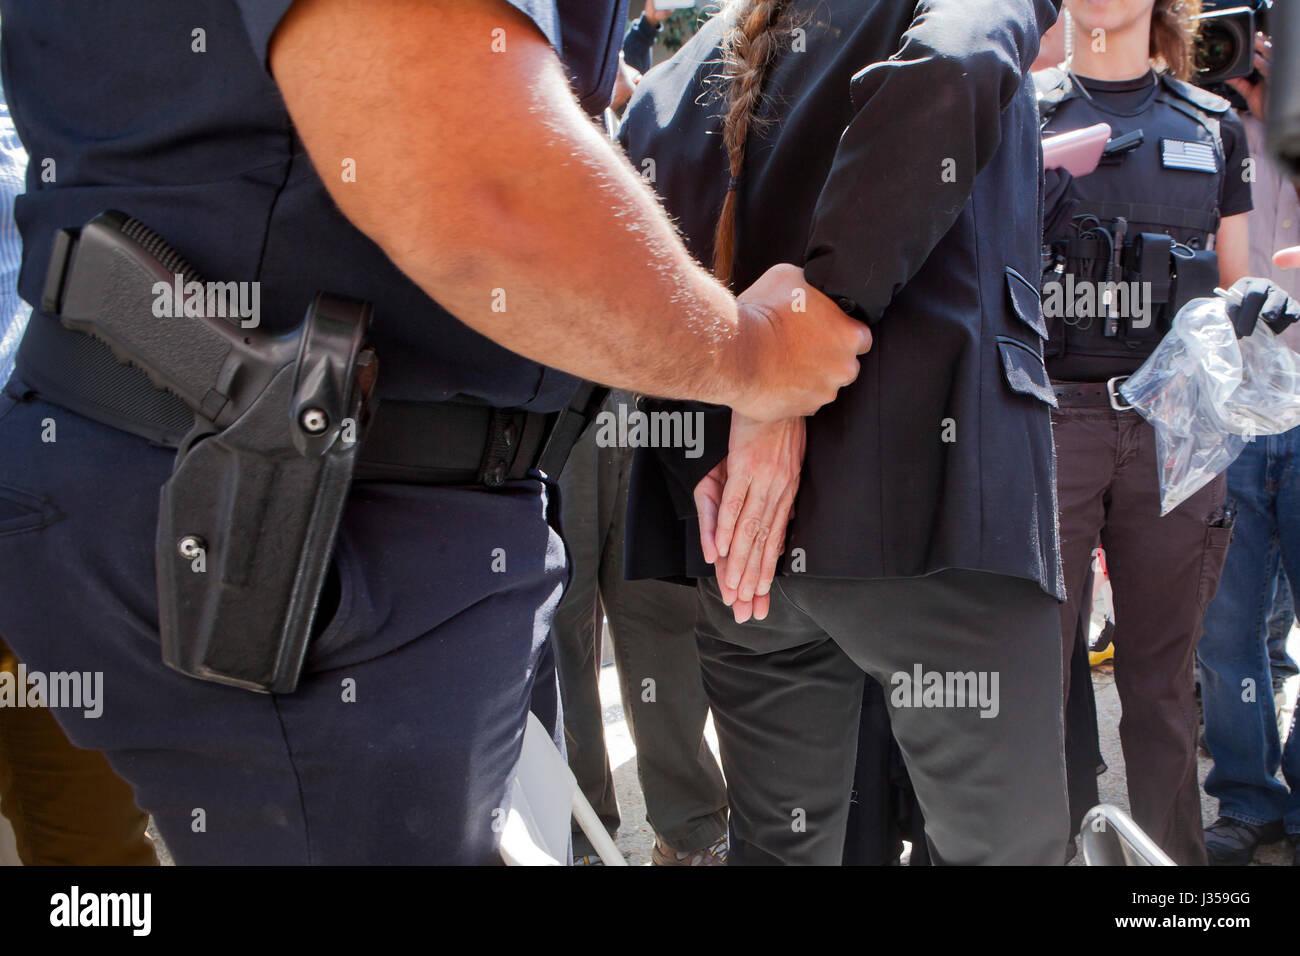 Mujer ser arrestados y esposados por la policía - EE.UU. Imagen De Stock